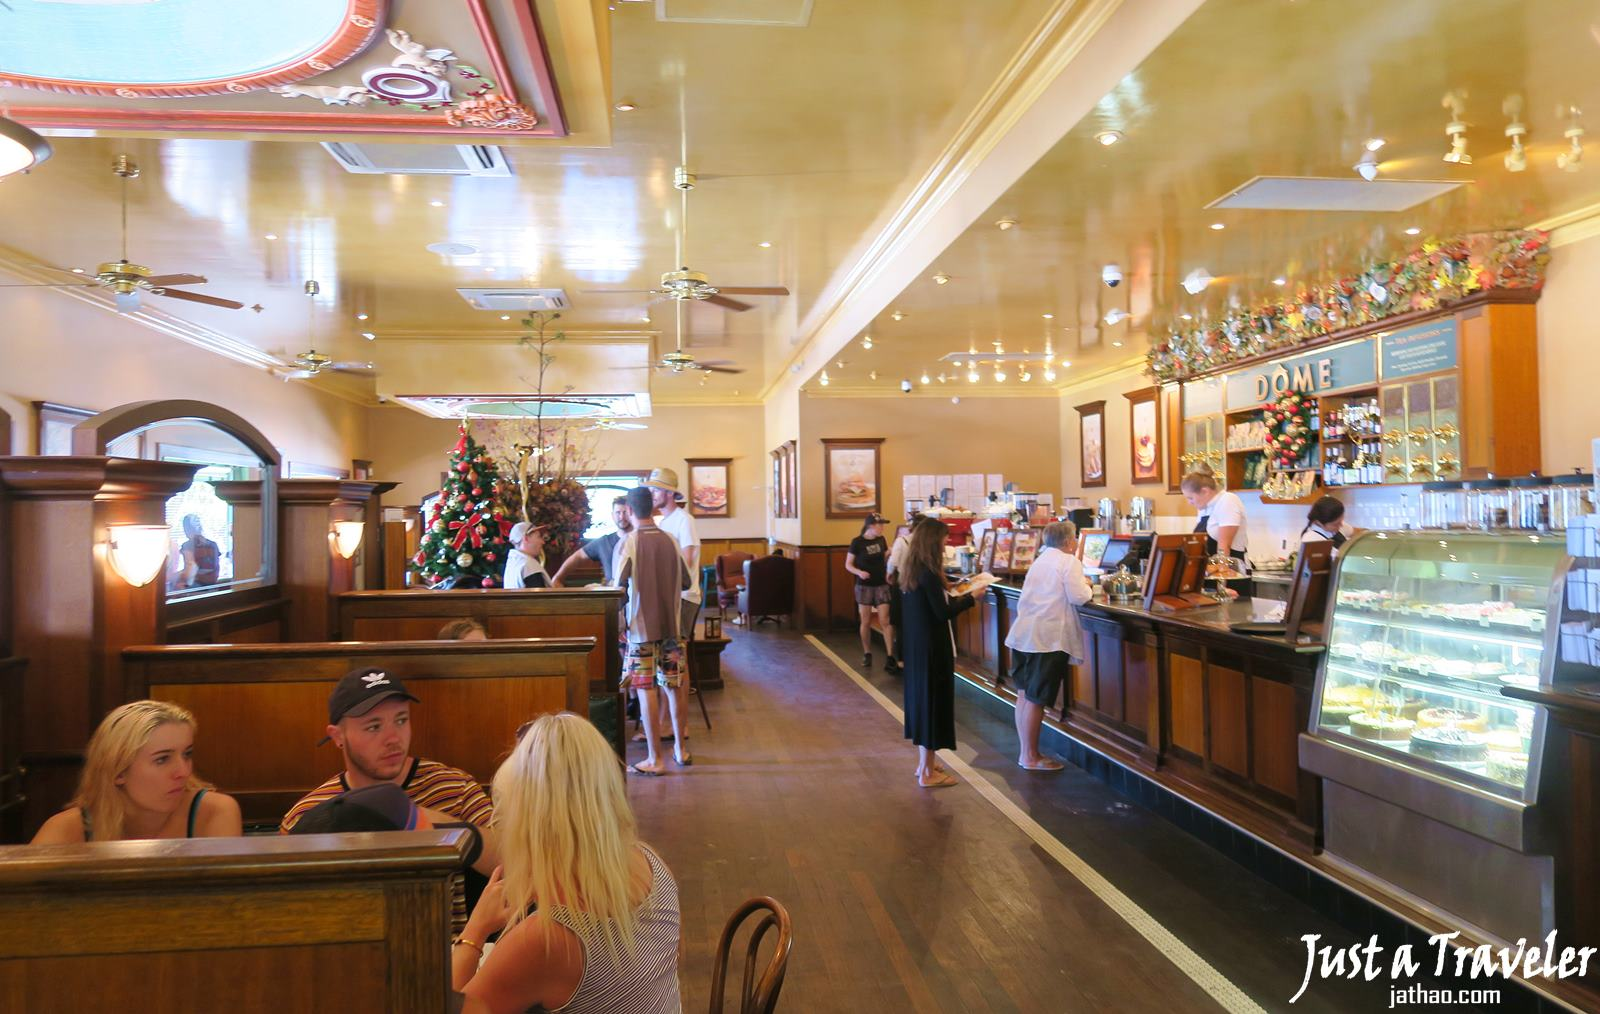 澳洲-西澳-伯斯-景點-羅特尼斯島-Rottnest Island-餐廳-美食-推薦-自由行-交通-旅遊-遊記-攻略-行程-一日遊-二日遊-必玩-必遊-Perth